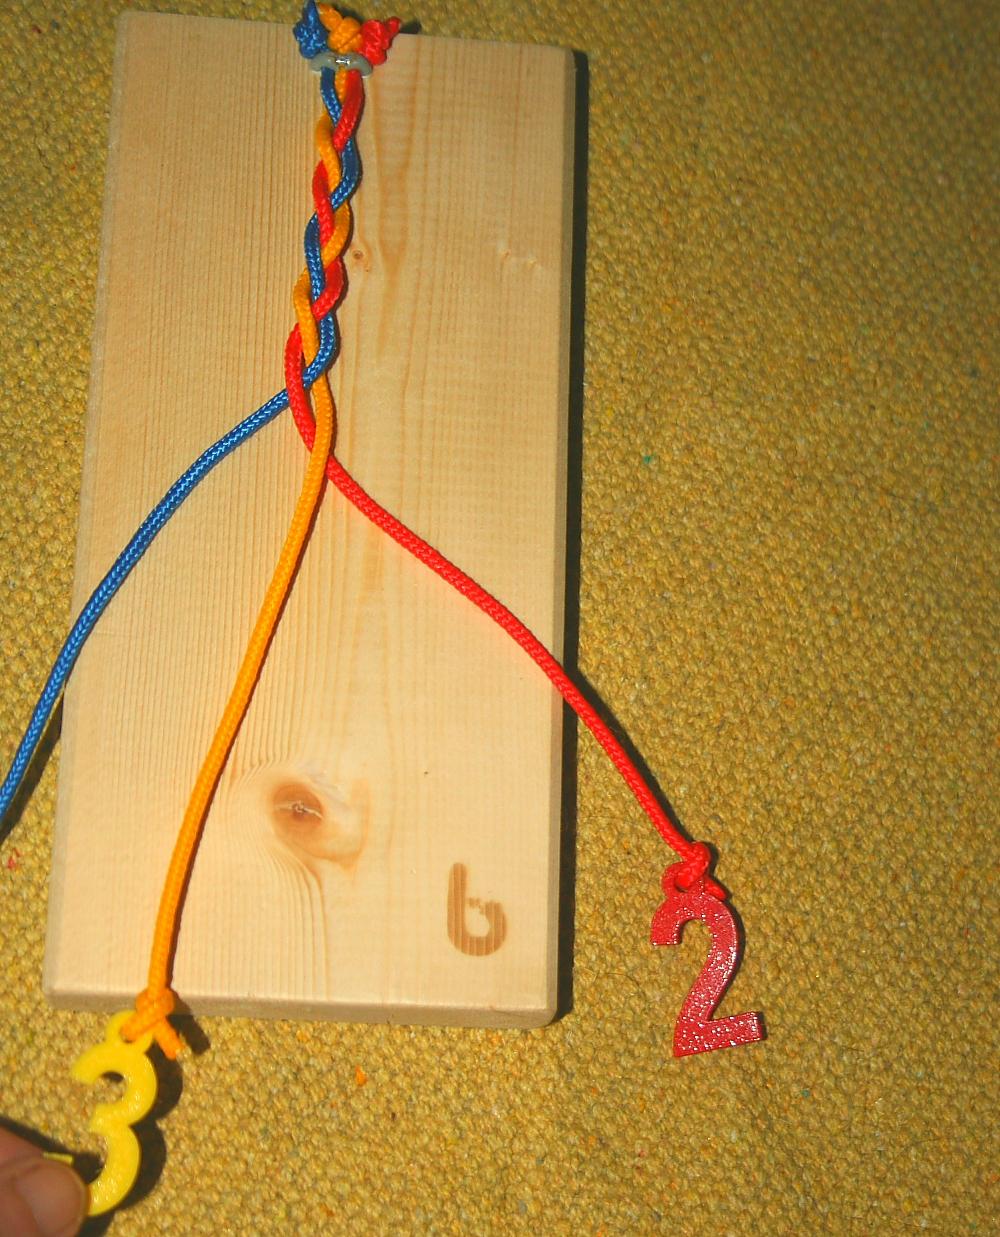 Attività di vita pratica Montessori - la tavoletta dell'intreccio